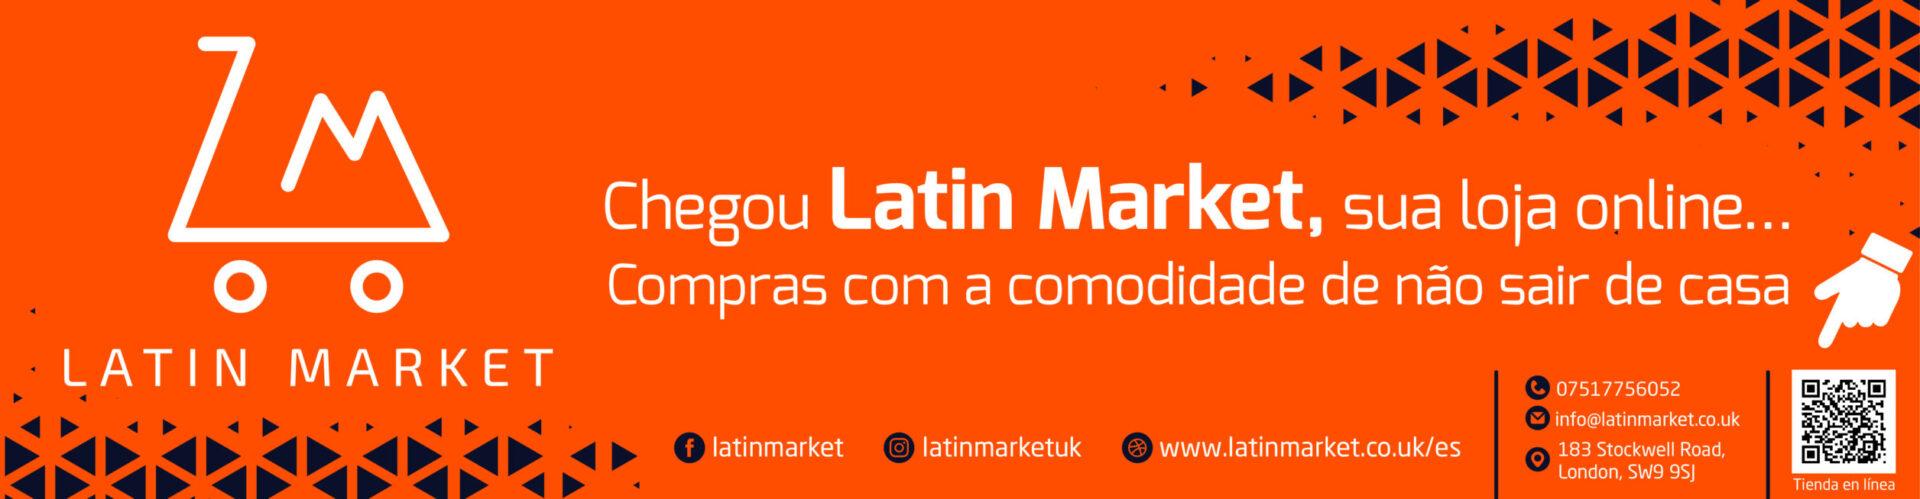 Noticias em Português